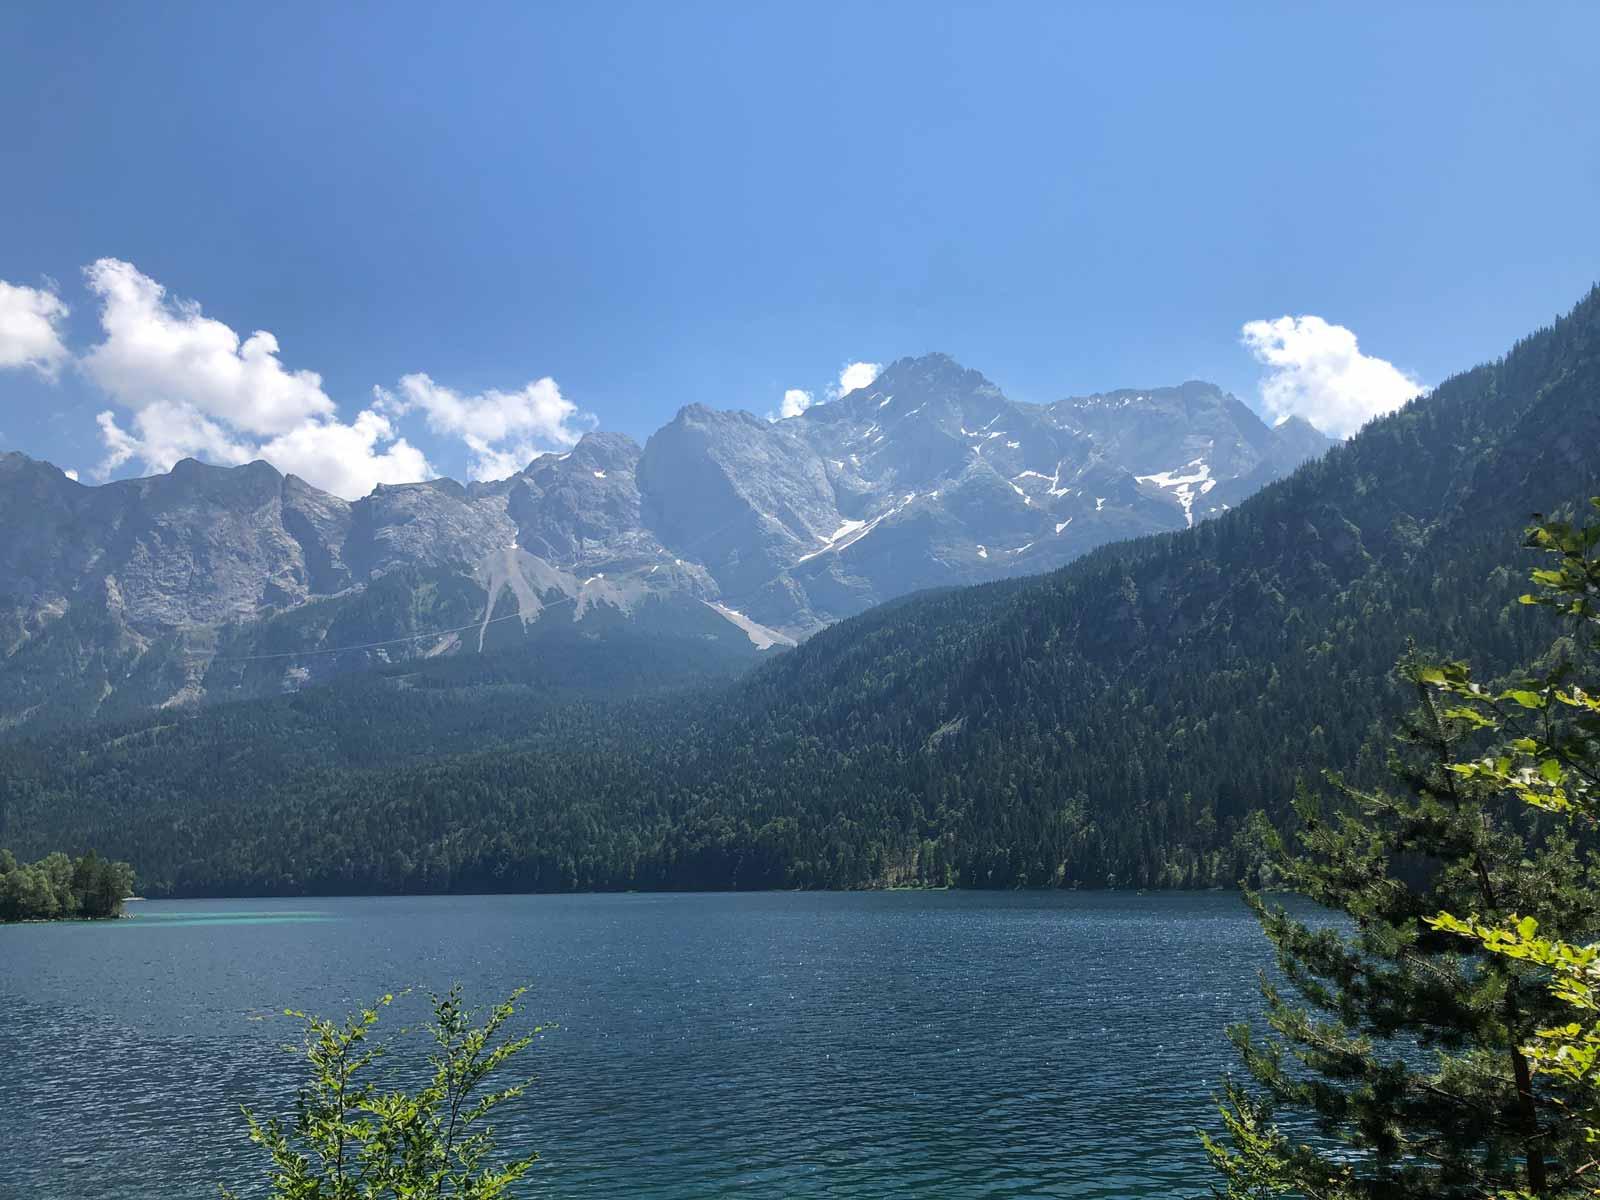 Wanderung Auf Die Zugspitze Hochster Berg Deutschlands Trekkinglife